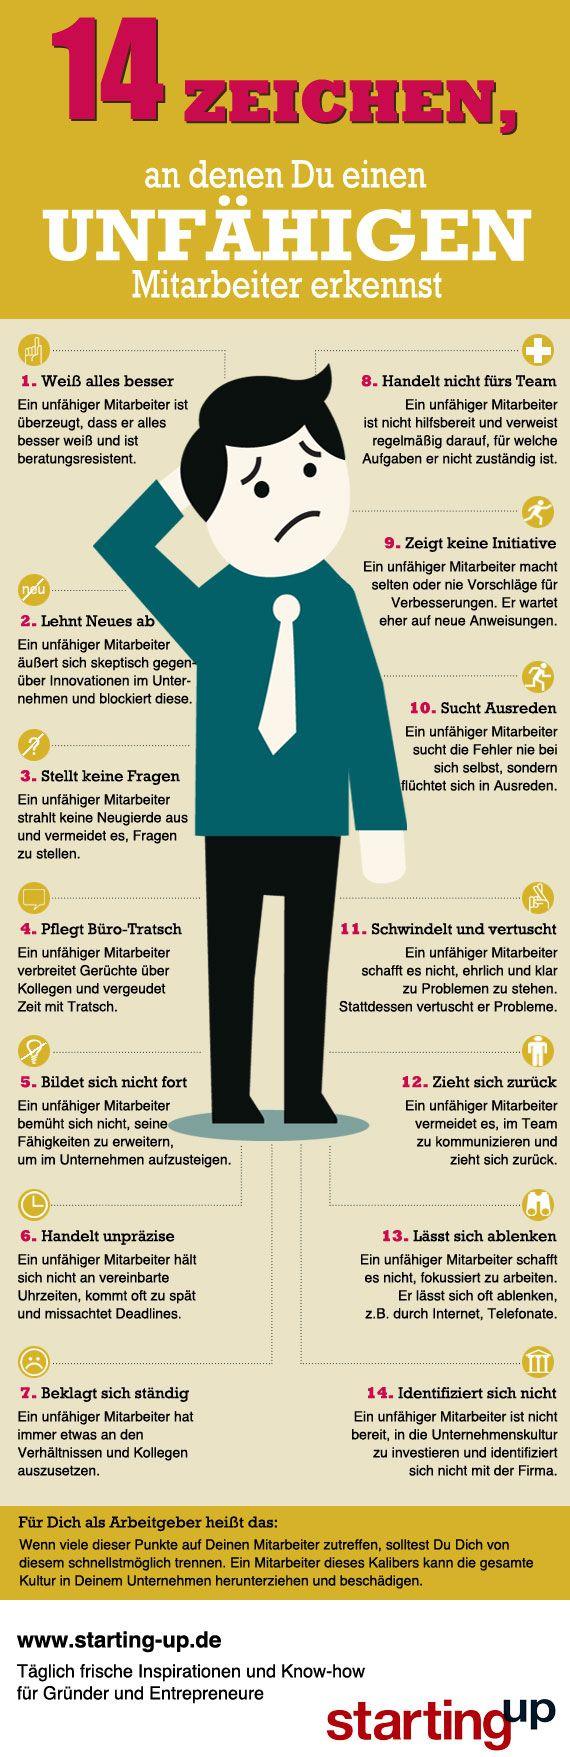 14 Zeichen, an denen du einen unfähigen Mitarbeiter erkennst